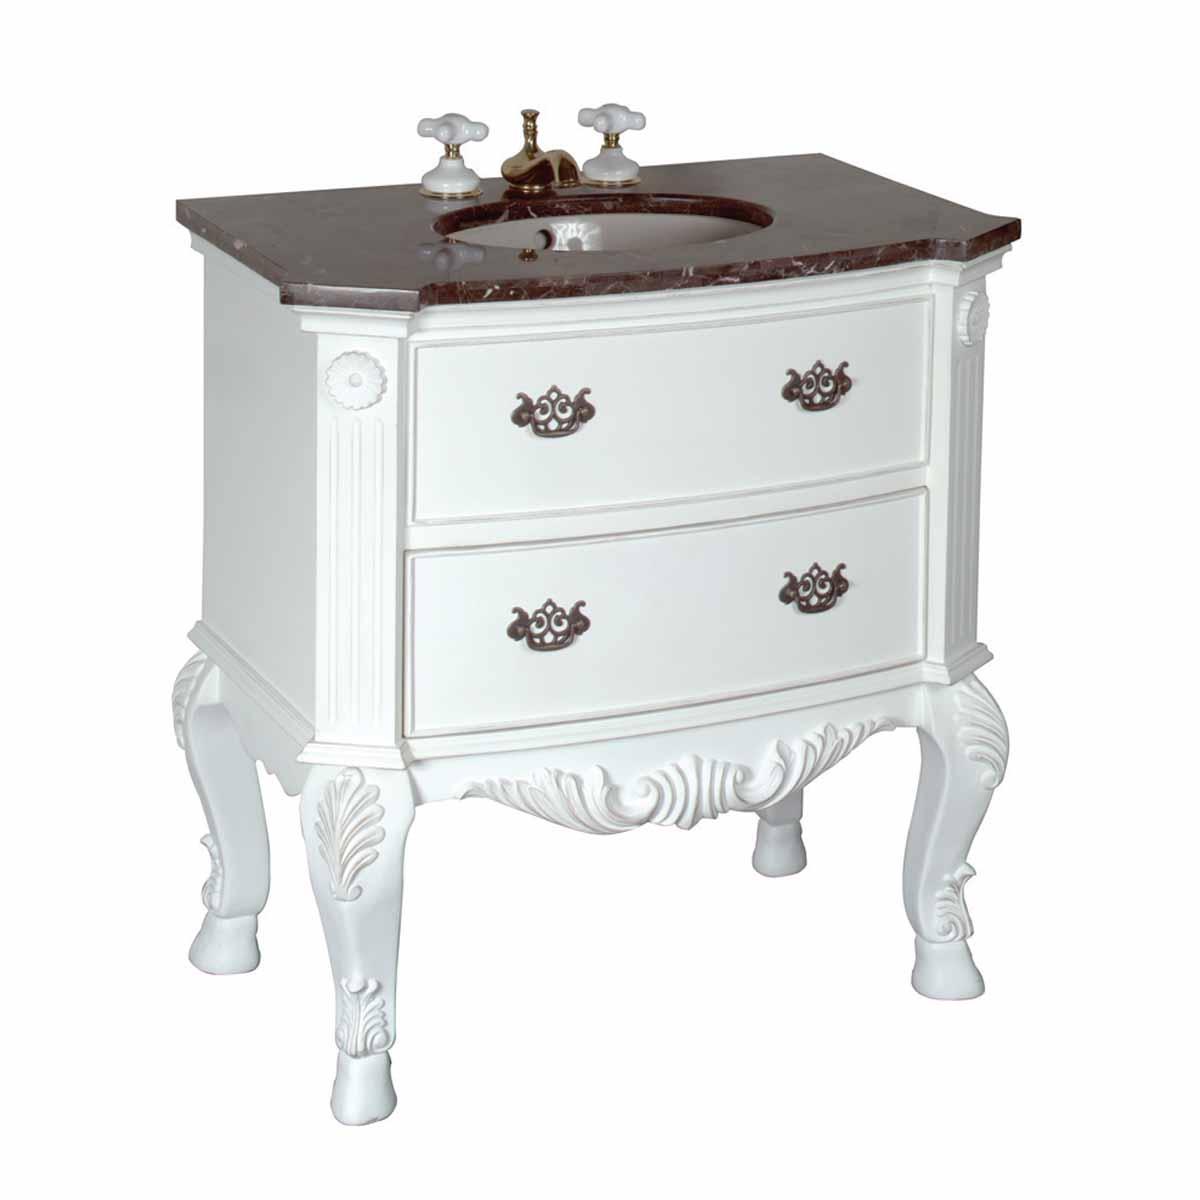 32 inch Bathroom Vanity Marble Sink Black Travertine ...